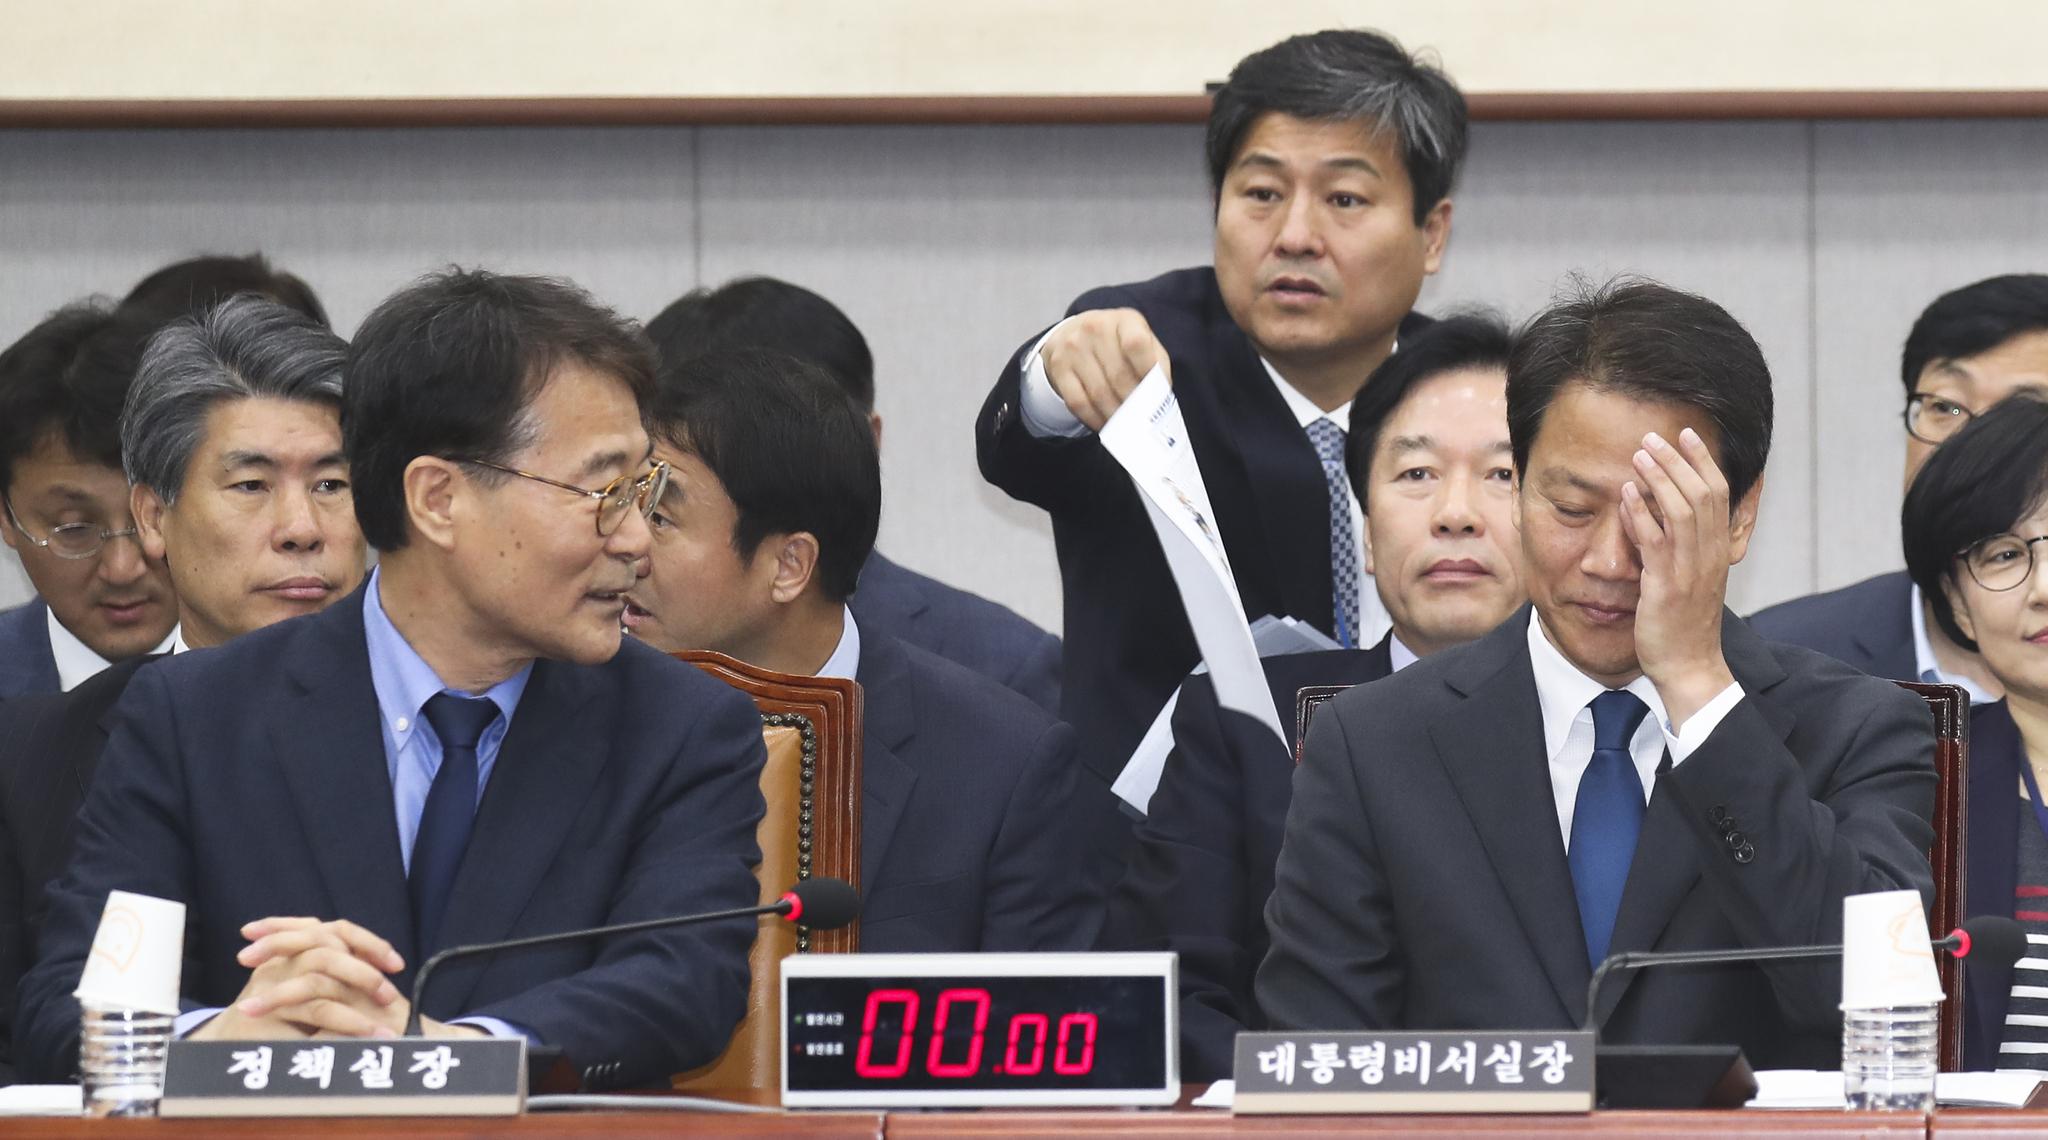 임종석 청와대 비서실장(오른쪽)이 6일 국회에서 열린 국회 운영위원회의 청와대에 대한 국정감사에서 장하성 정책실장과 대화하며 얼굴을 만지고 있다. 임현동 기자